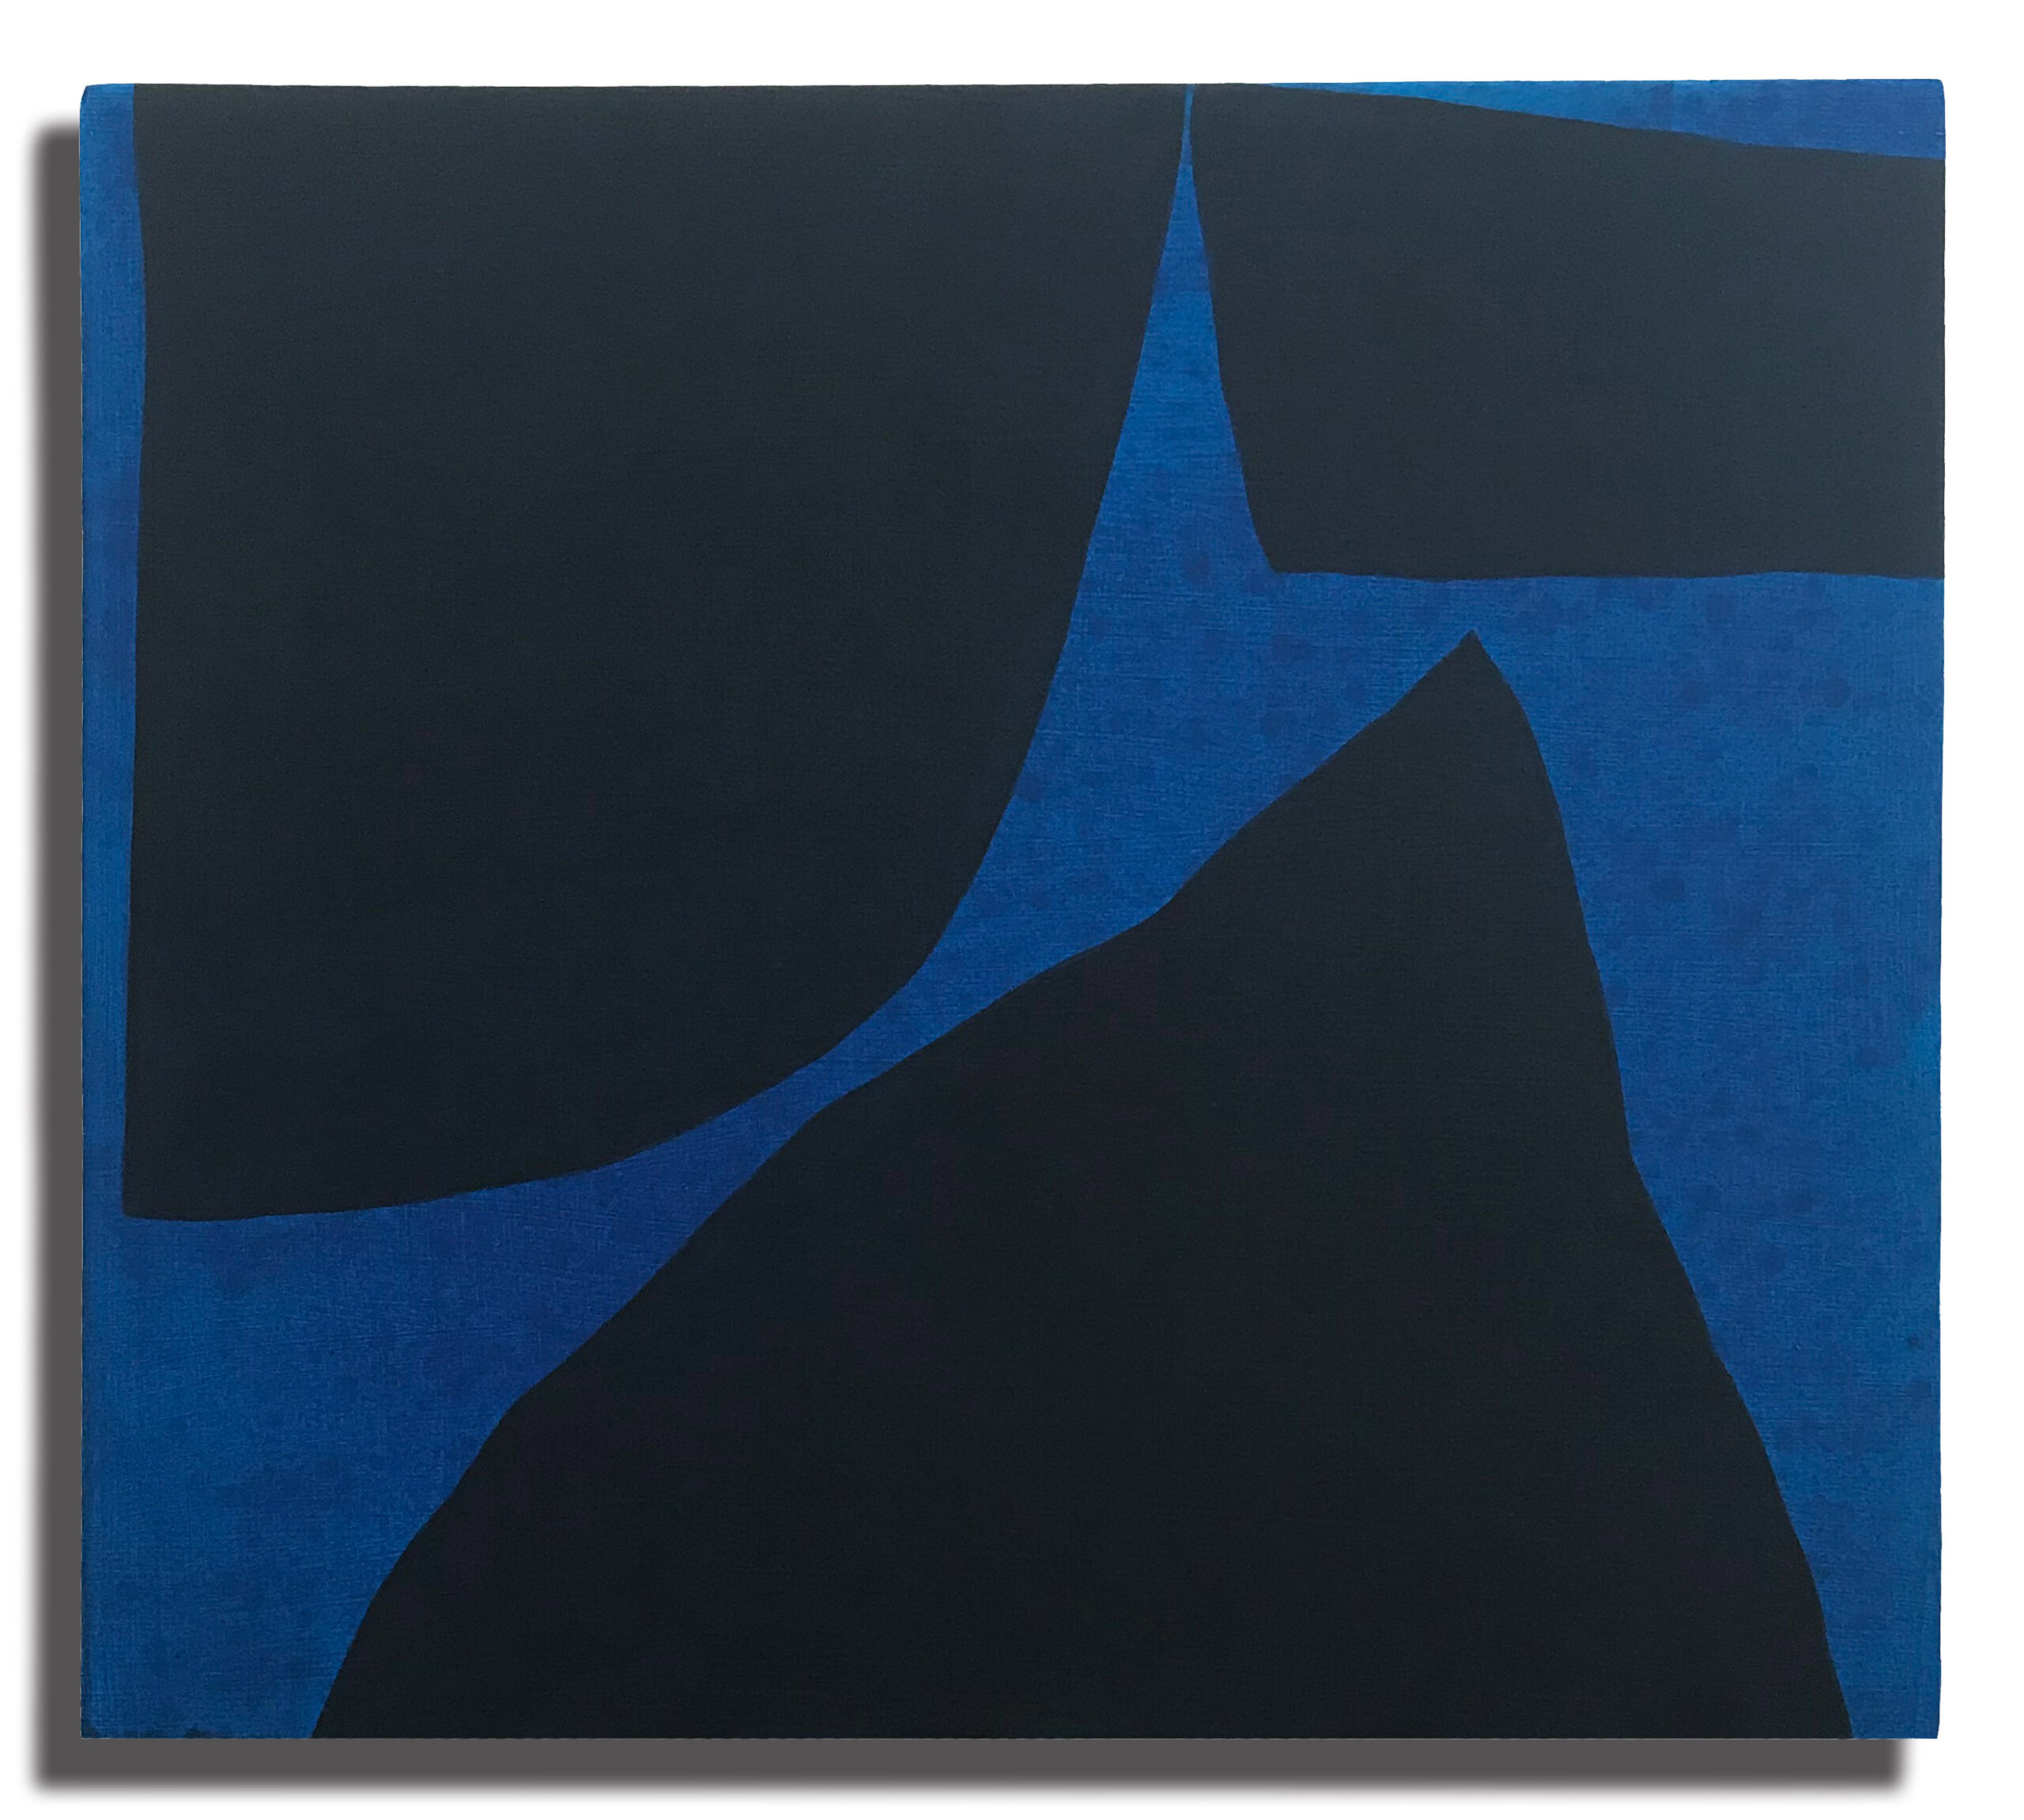 Jack Killick: Drop (2020) Acrylic on board (31.5cm x 36.5cm x 5cm).